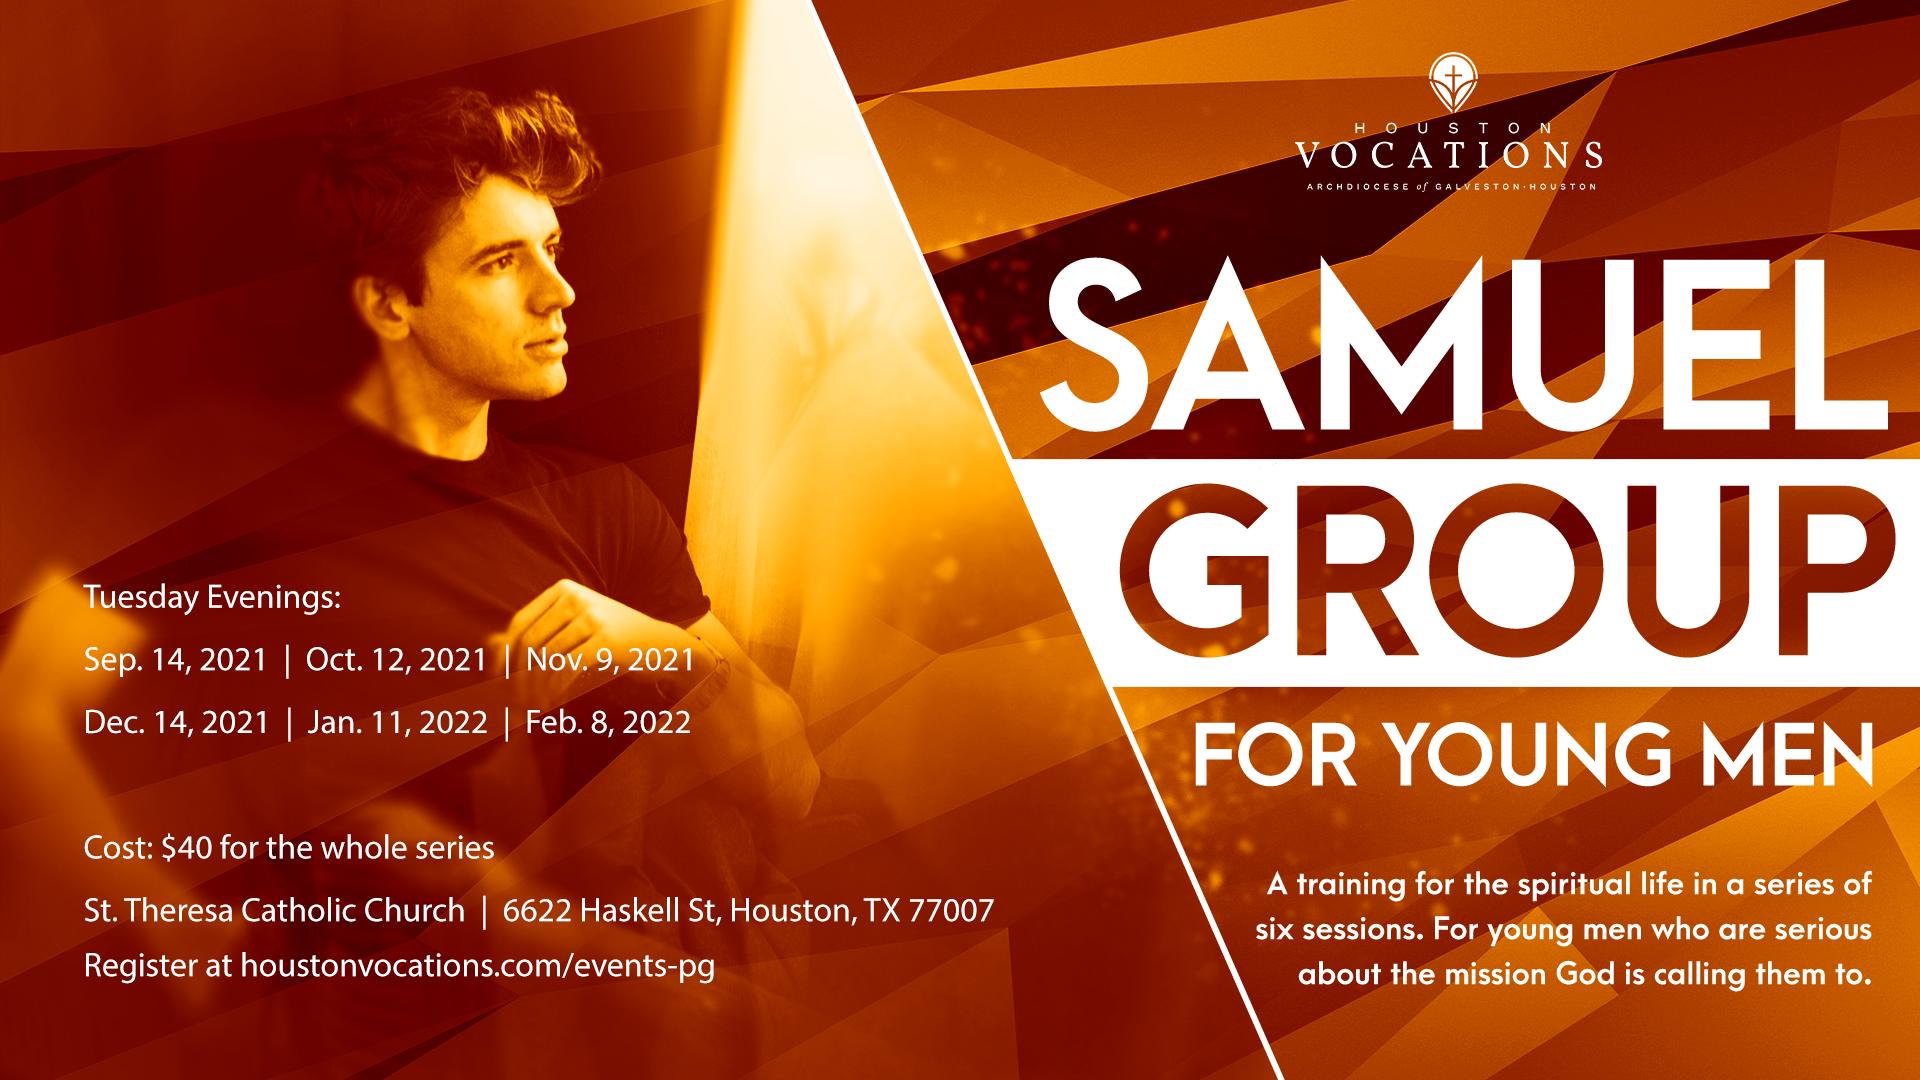 samuel group for men